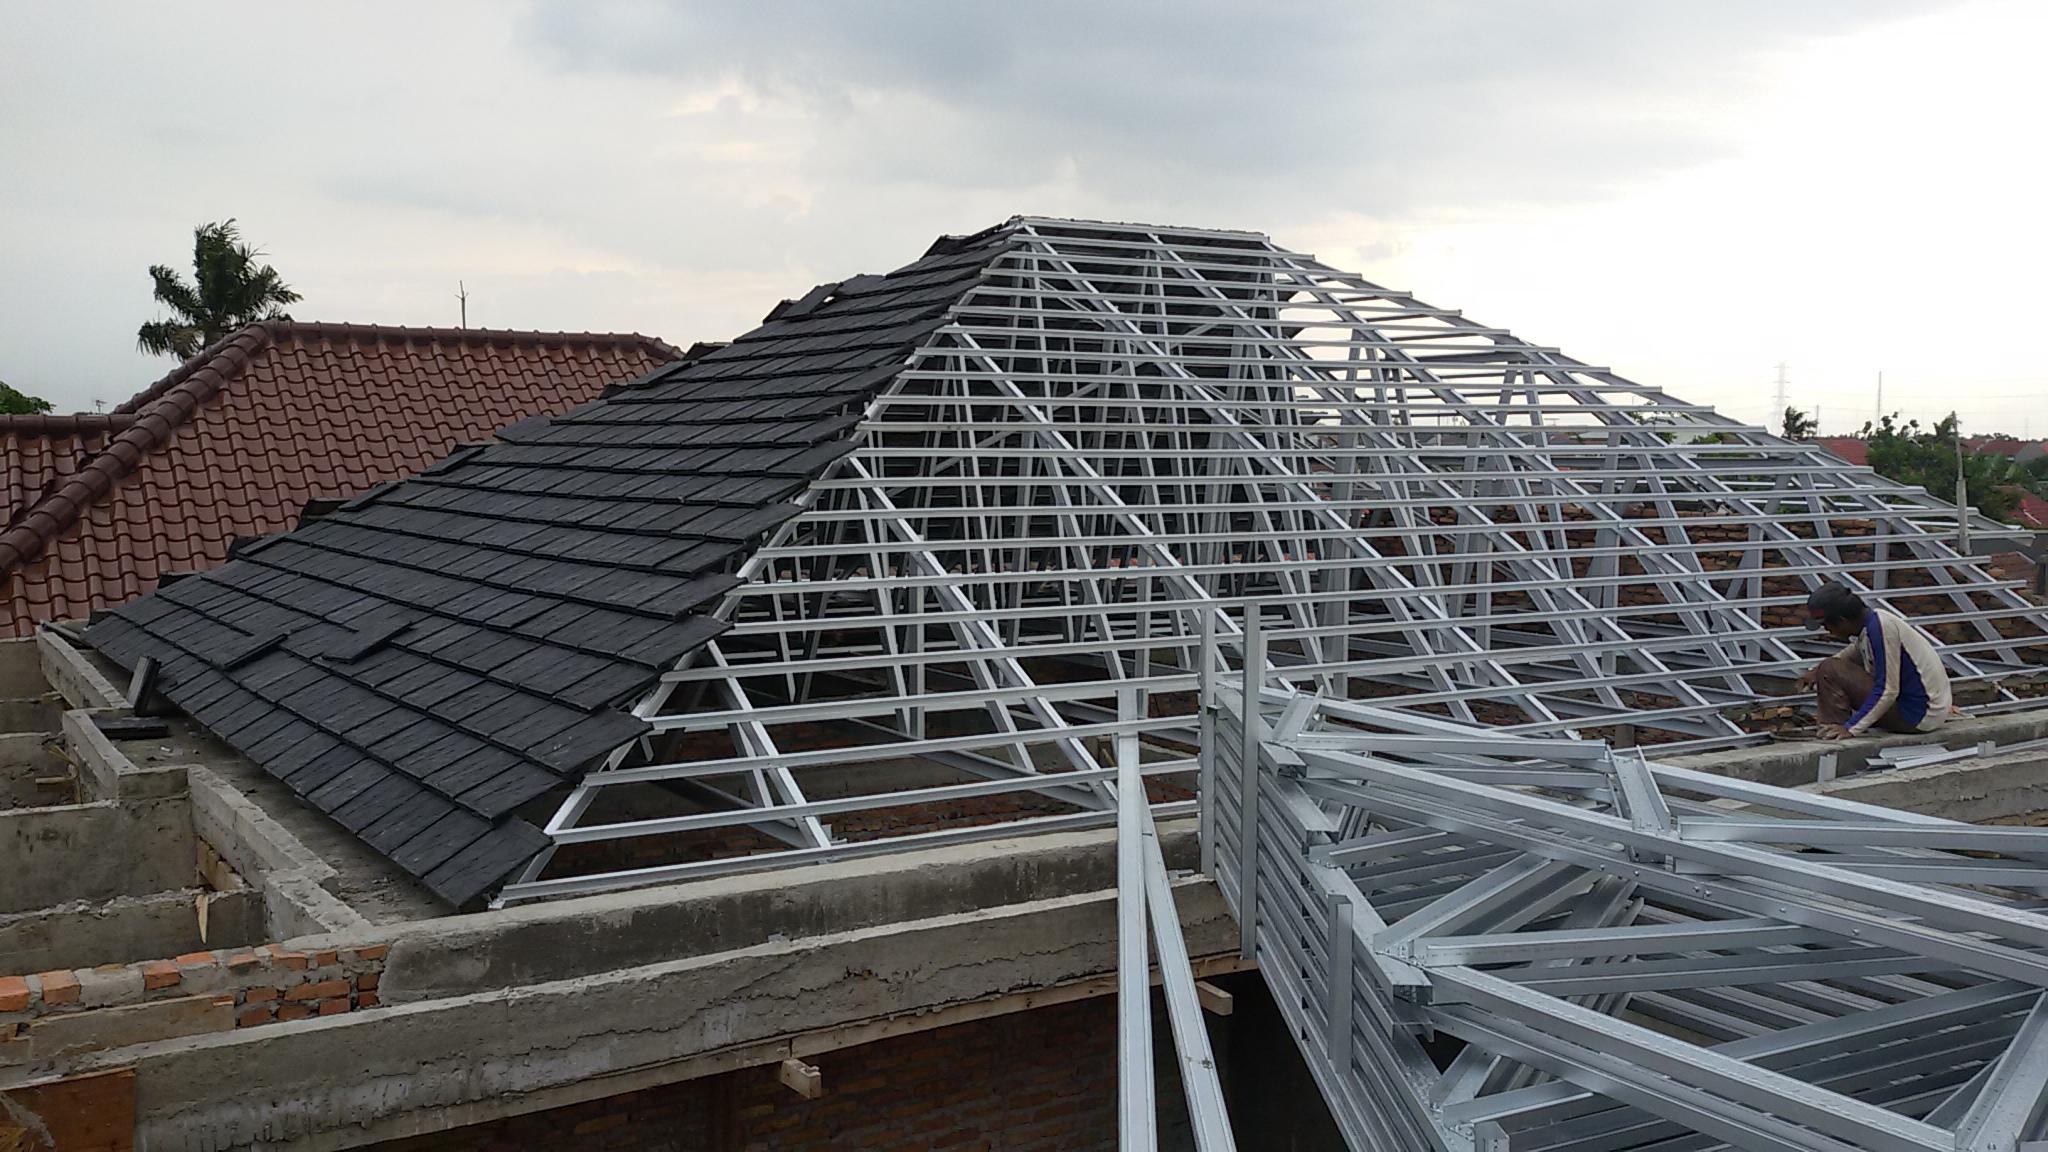 jual baja ringan bekasi rangka atap grosir tanah abang tas